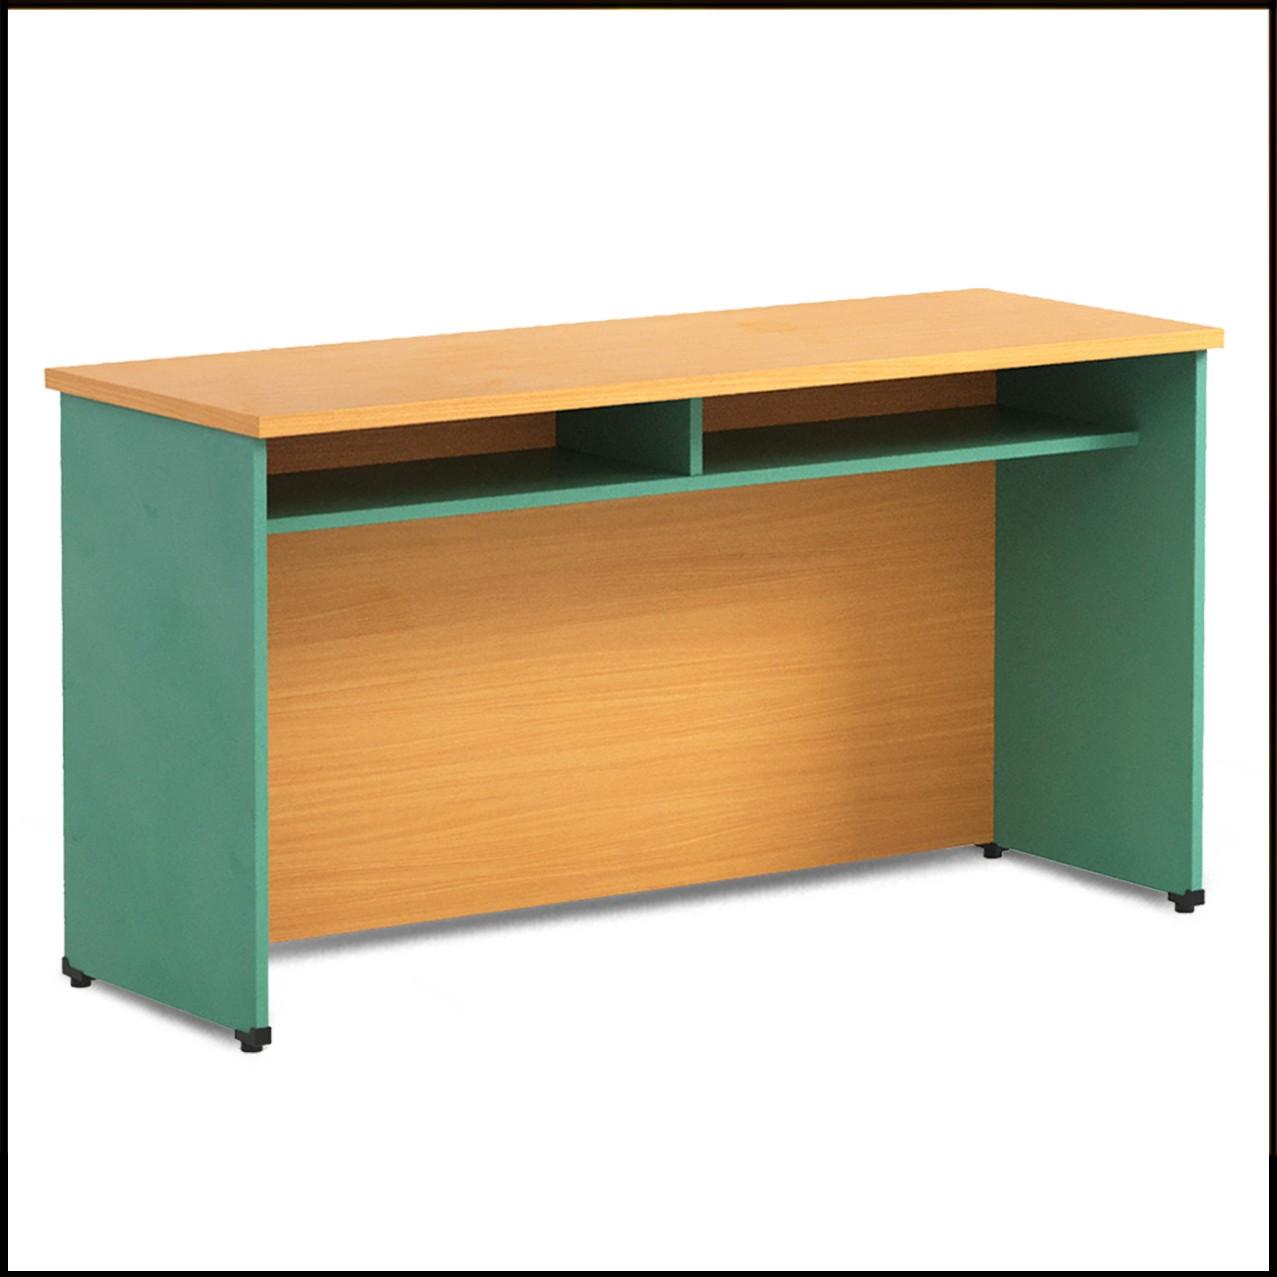 Bàn họp phòng hội trường giá rẻ bằng gỗ công nghiệp